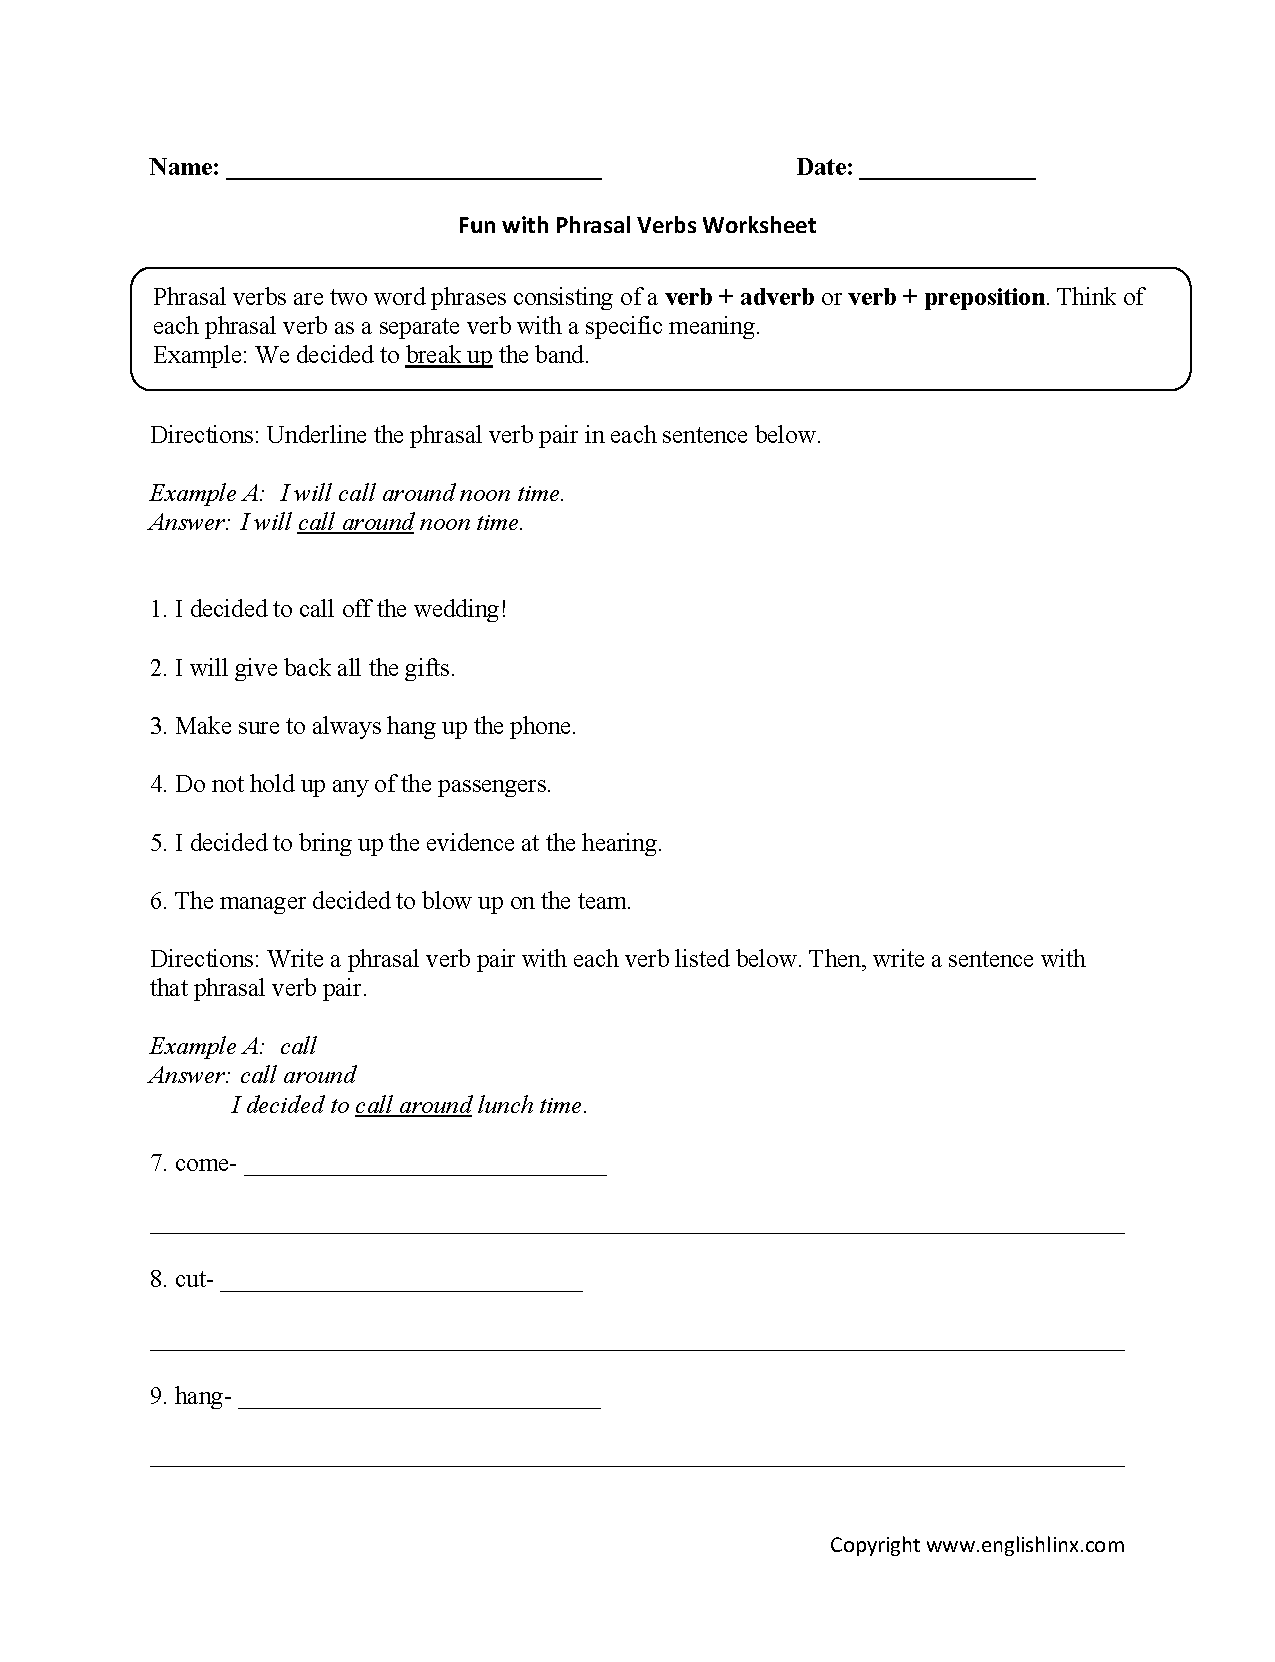 Fun With Phrasal Verbs Worksheet